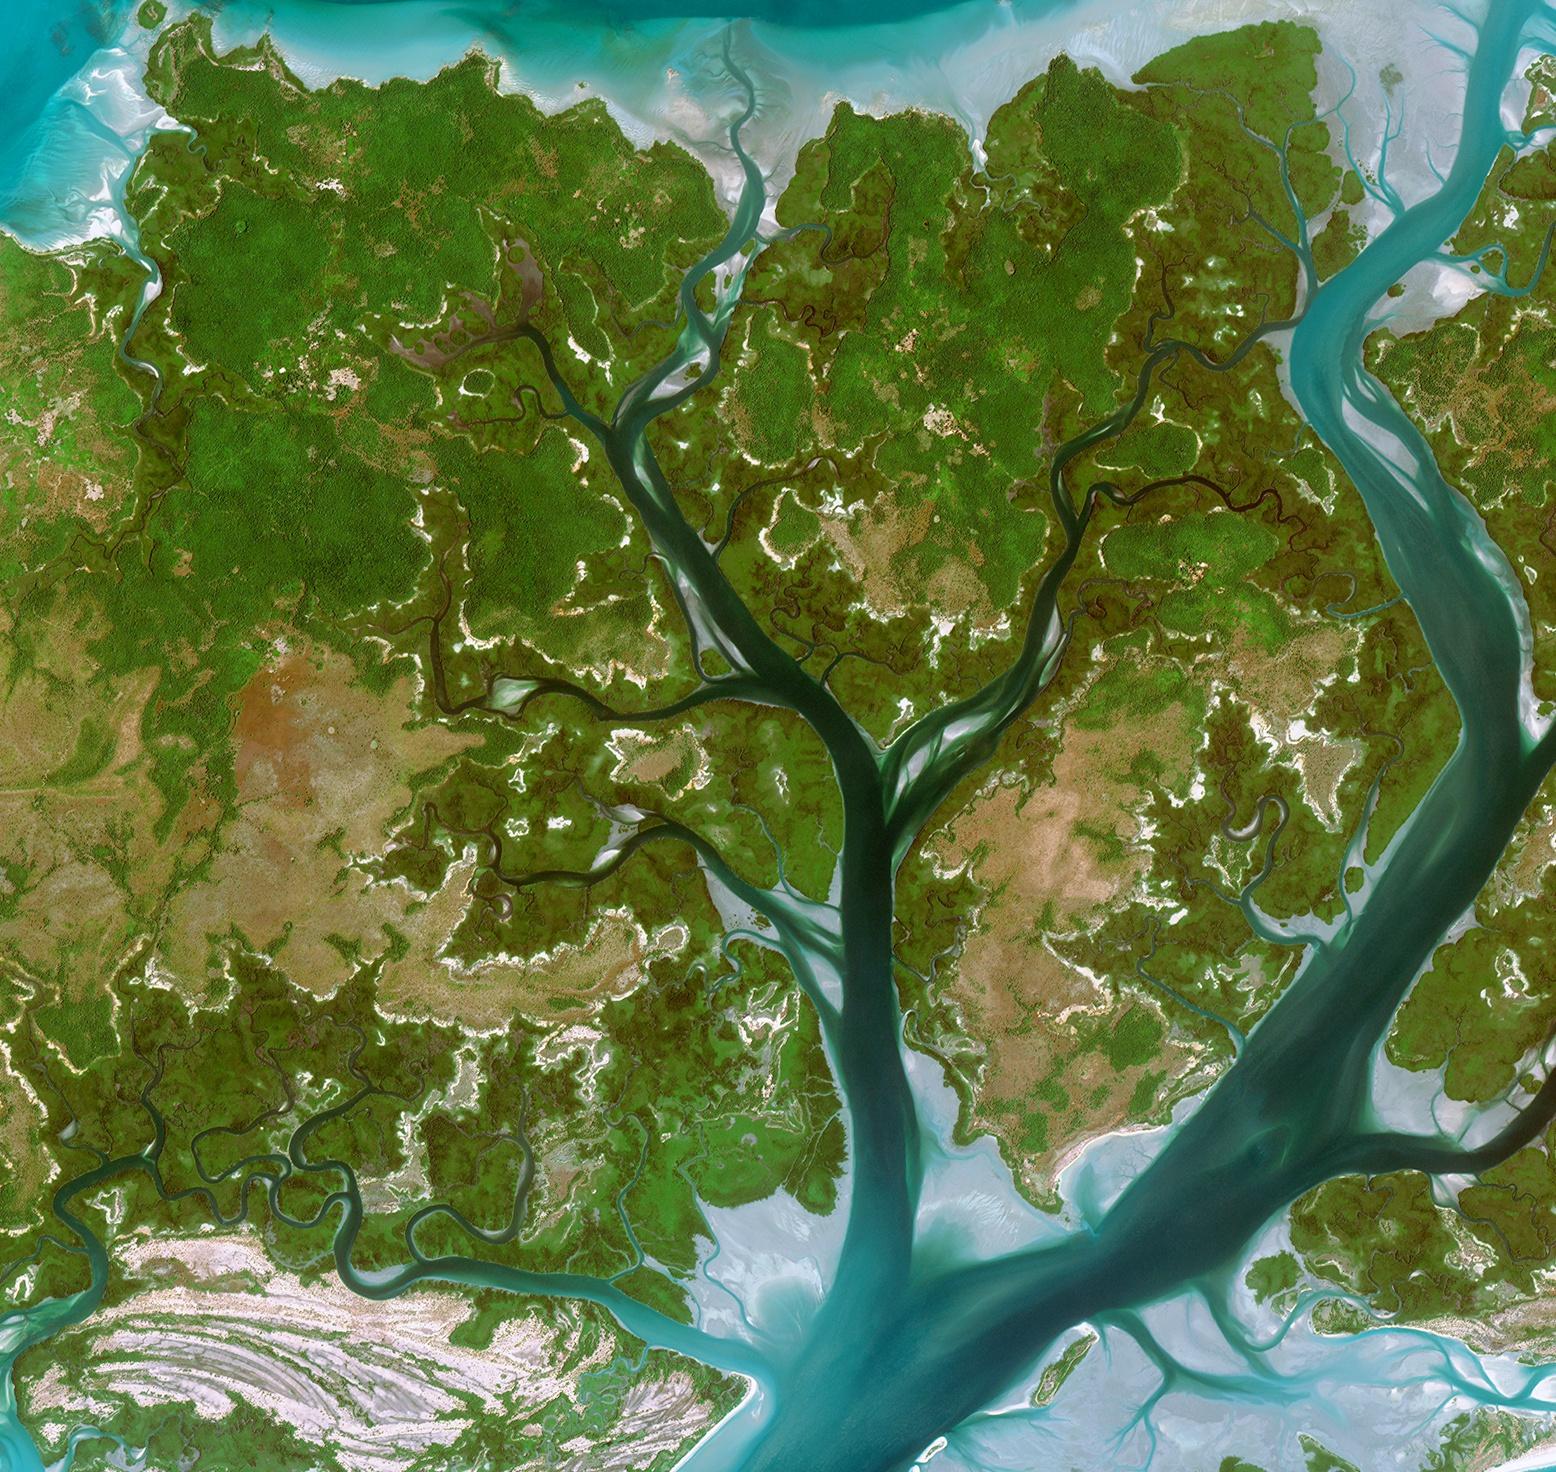 Quiz image - Image mystère - Août 2015 - Blog - Satellite - Environnement - Observation de la Terre